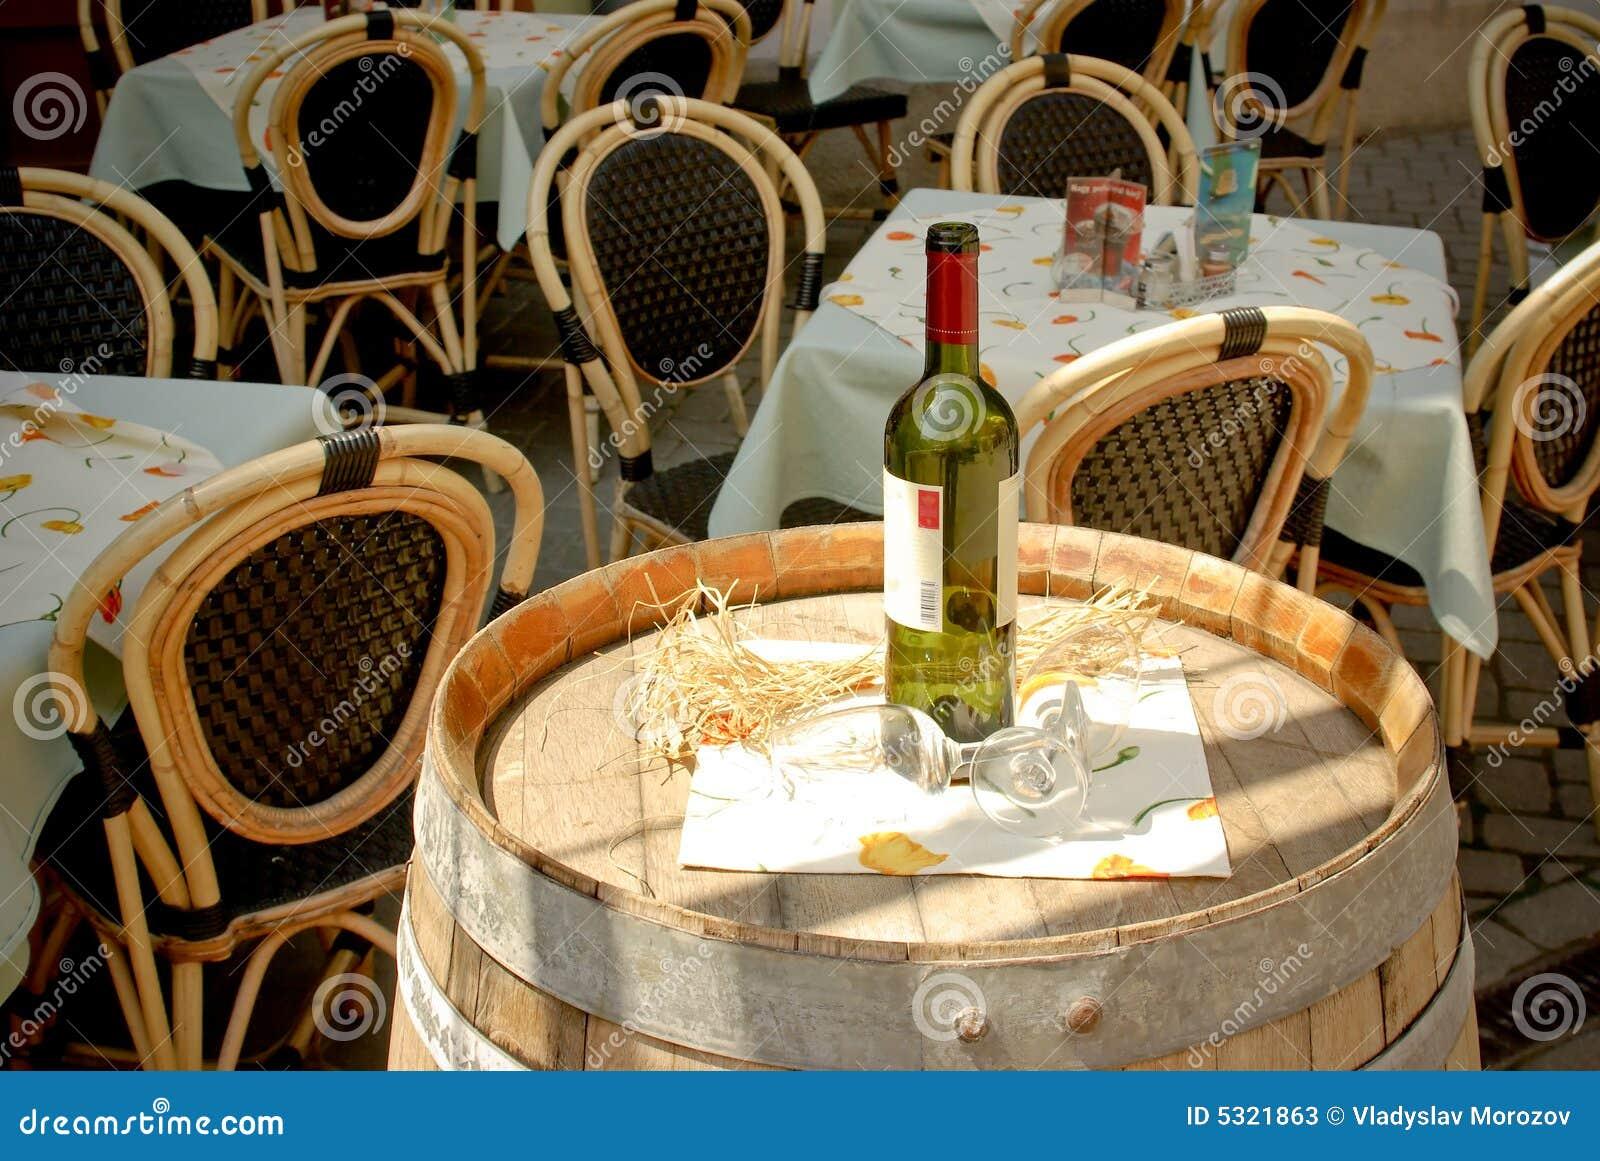 De fles en de wijnglazen van de wijn op vat in straatca